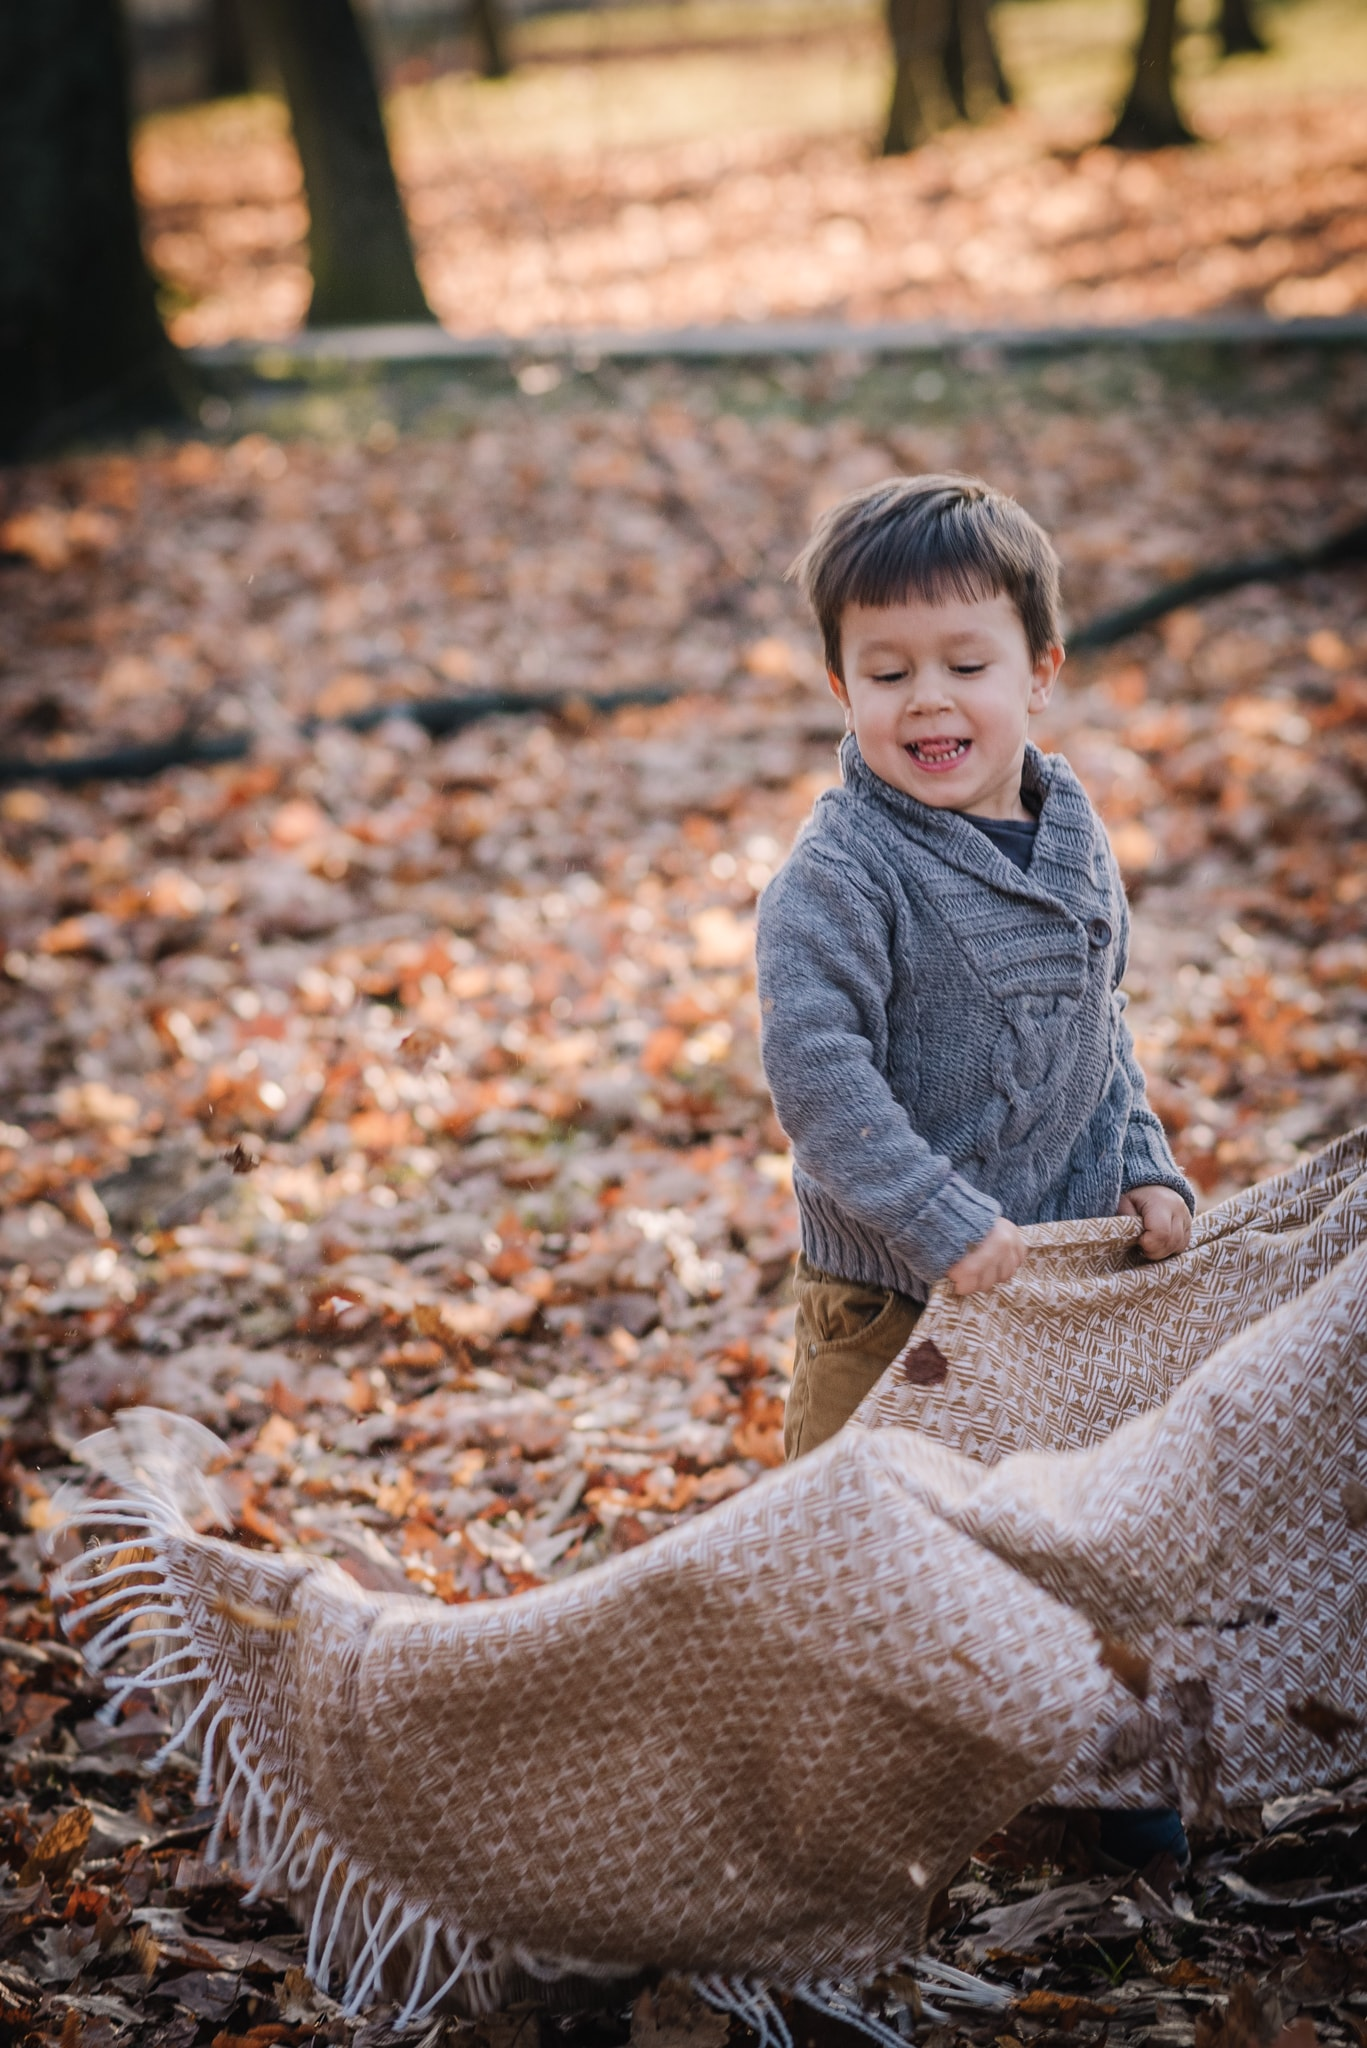 chłopczyk bawi się kocem w parku